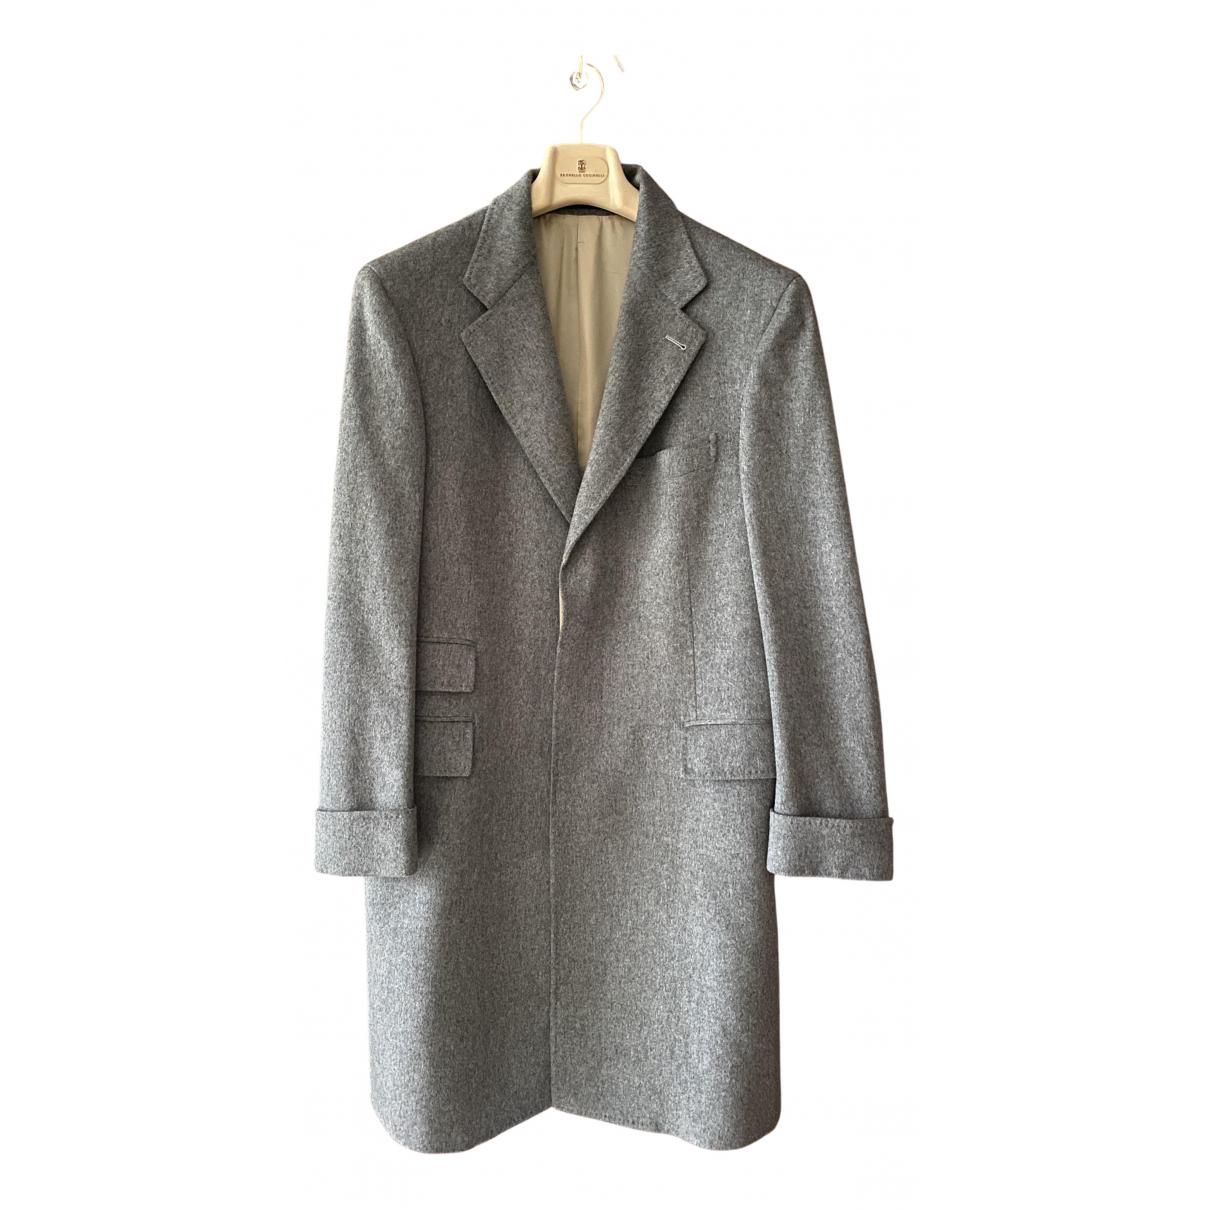 Brunello Cucinelli - Manteau   pour homme en cachemire - gris